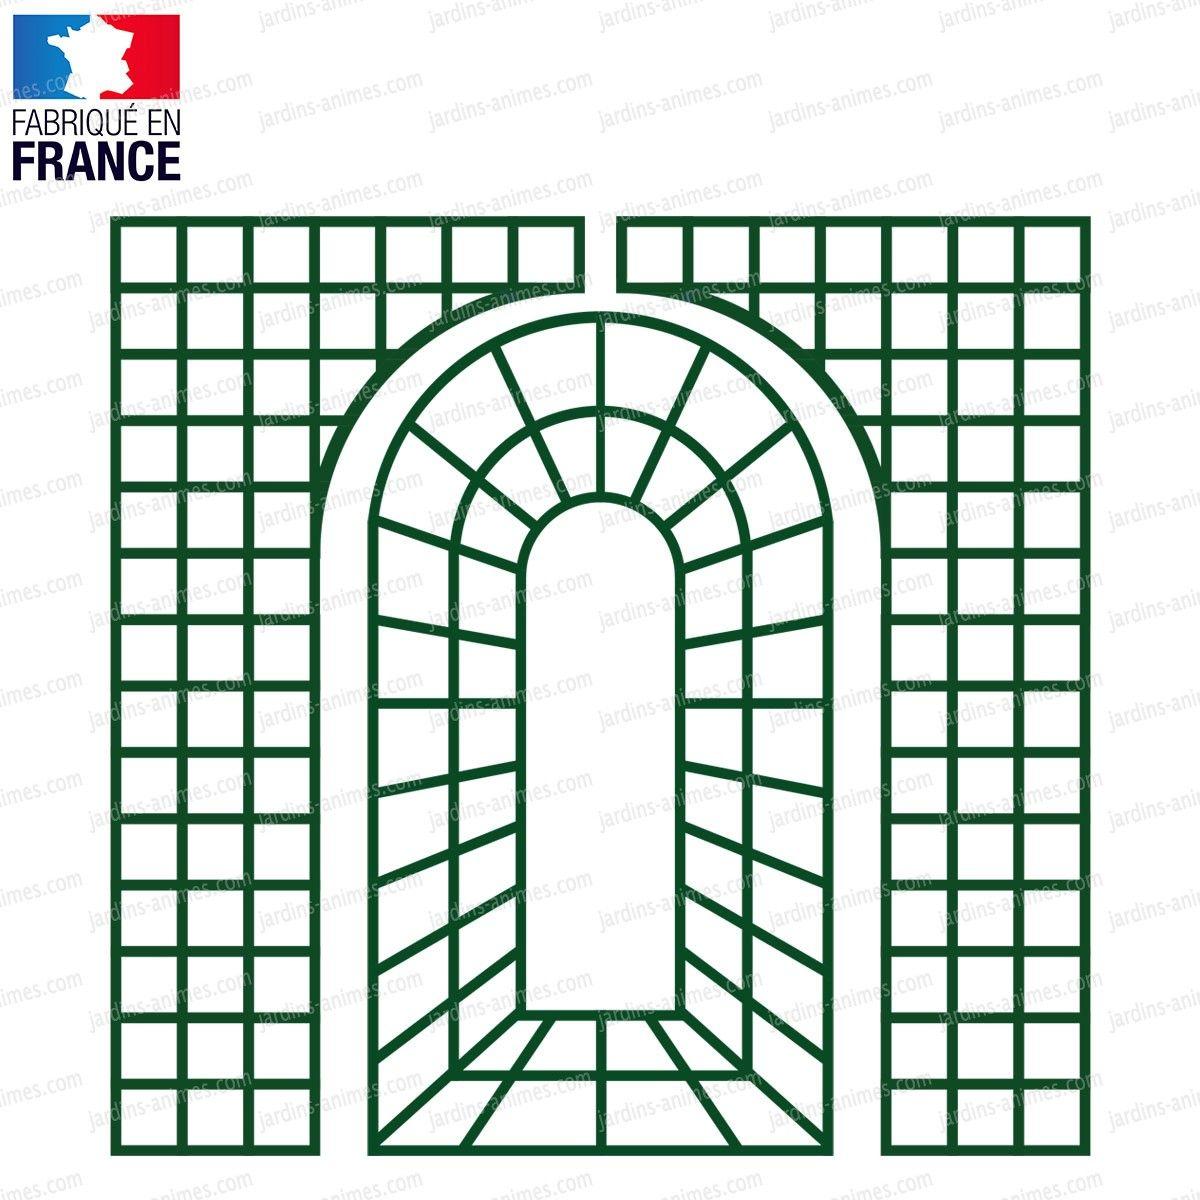 Treillis Bois Pas Cher treillage décoratif en bois vert en 2020 | treillage